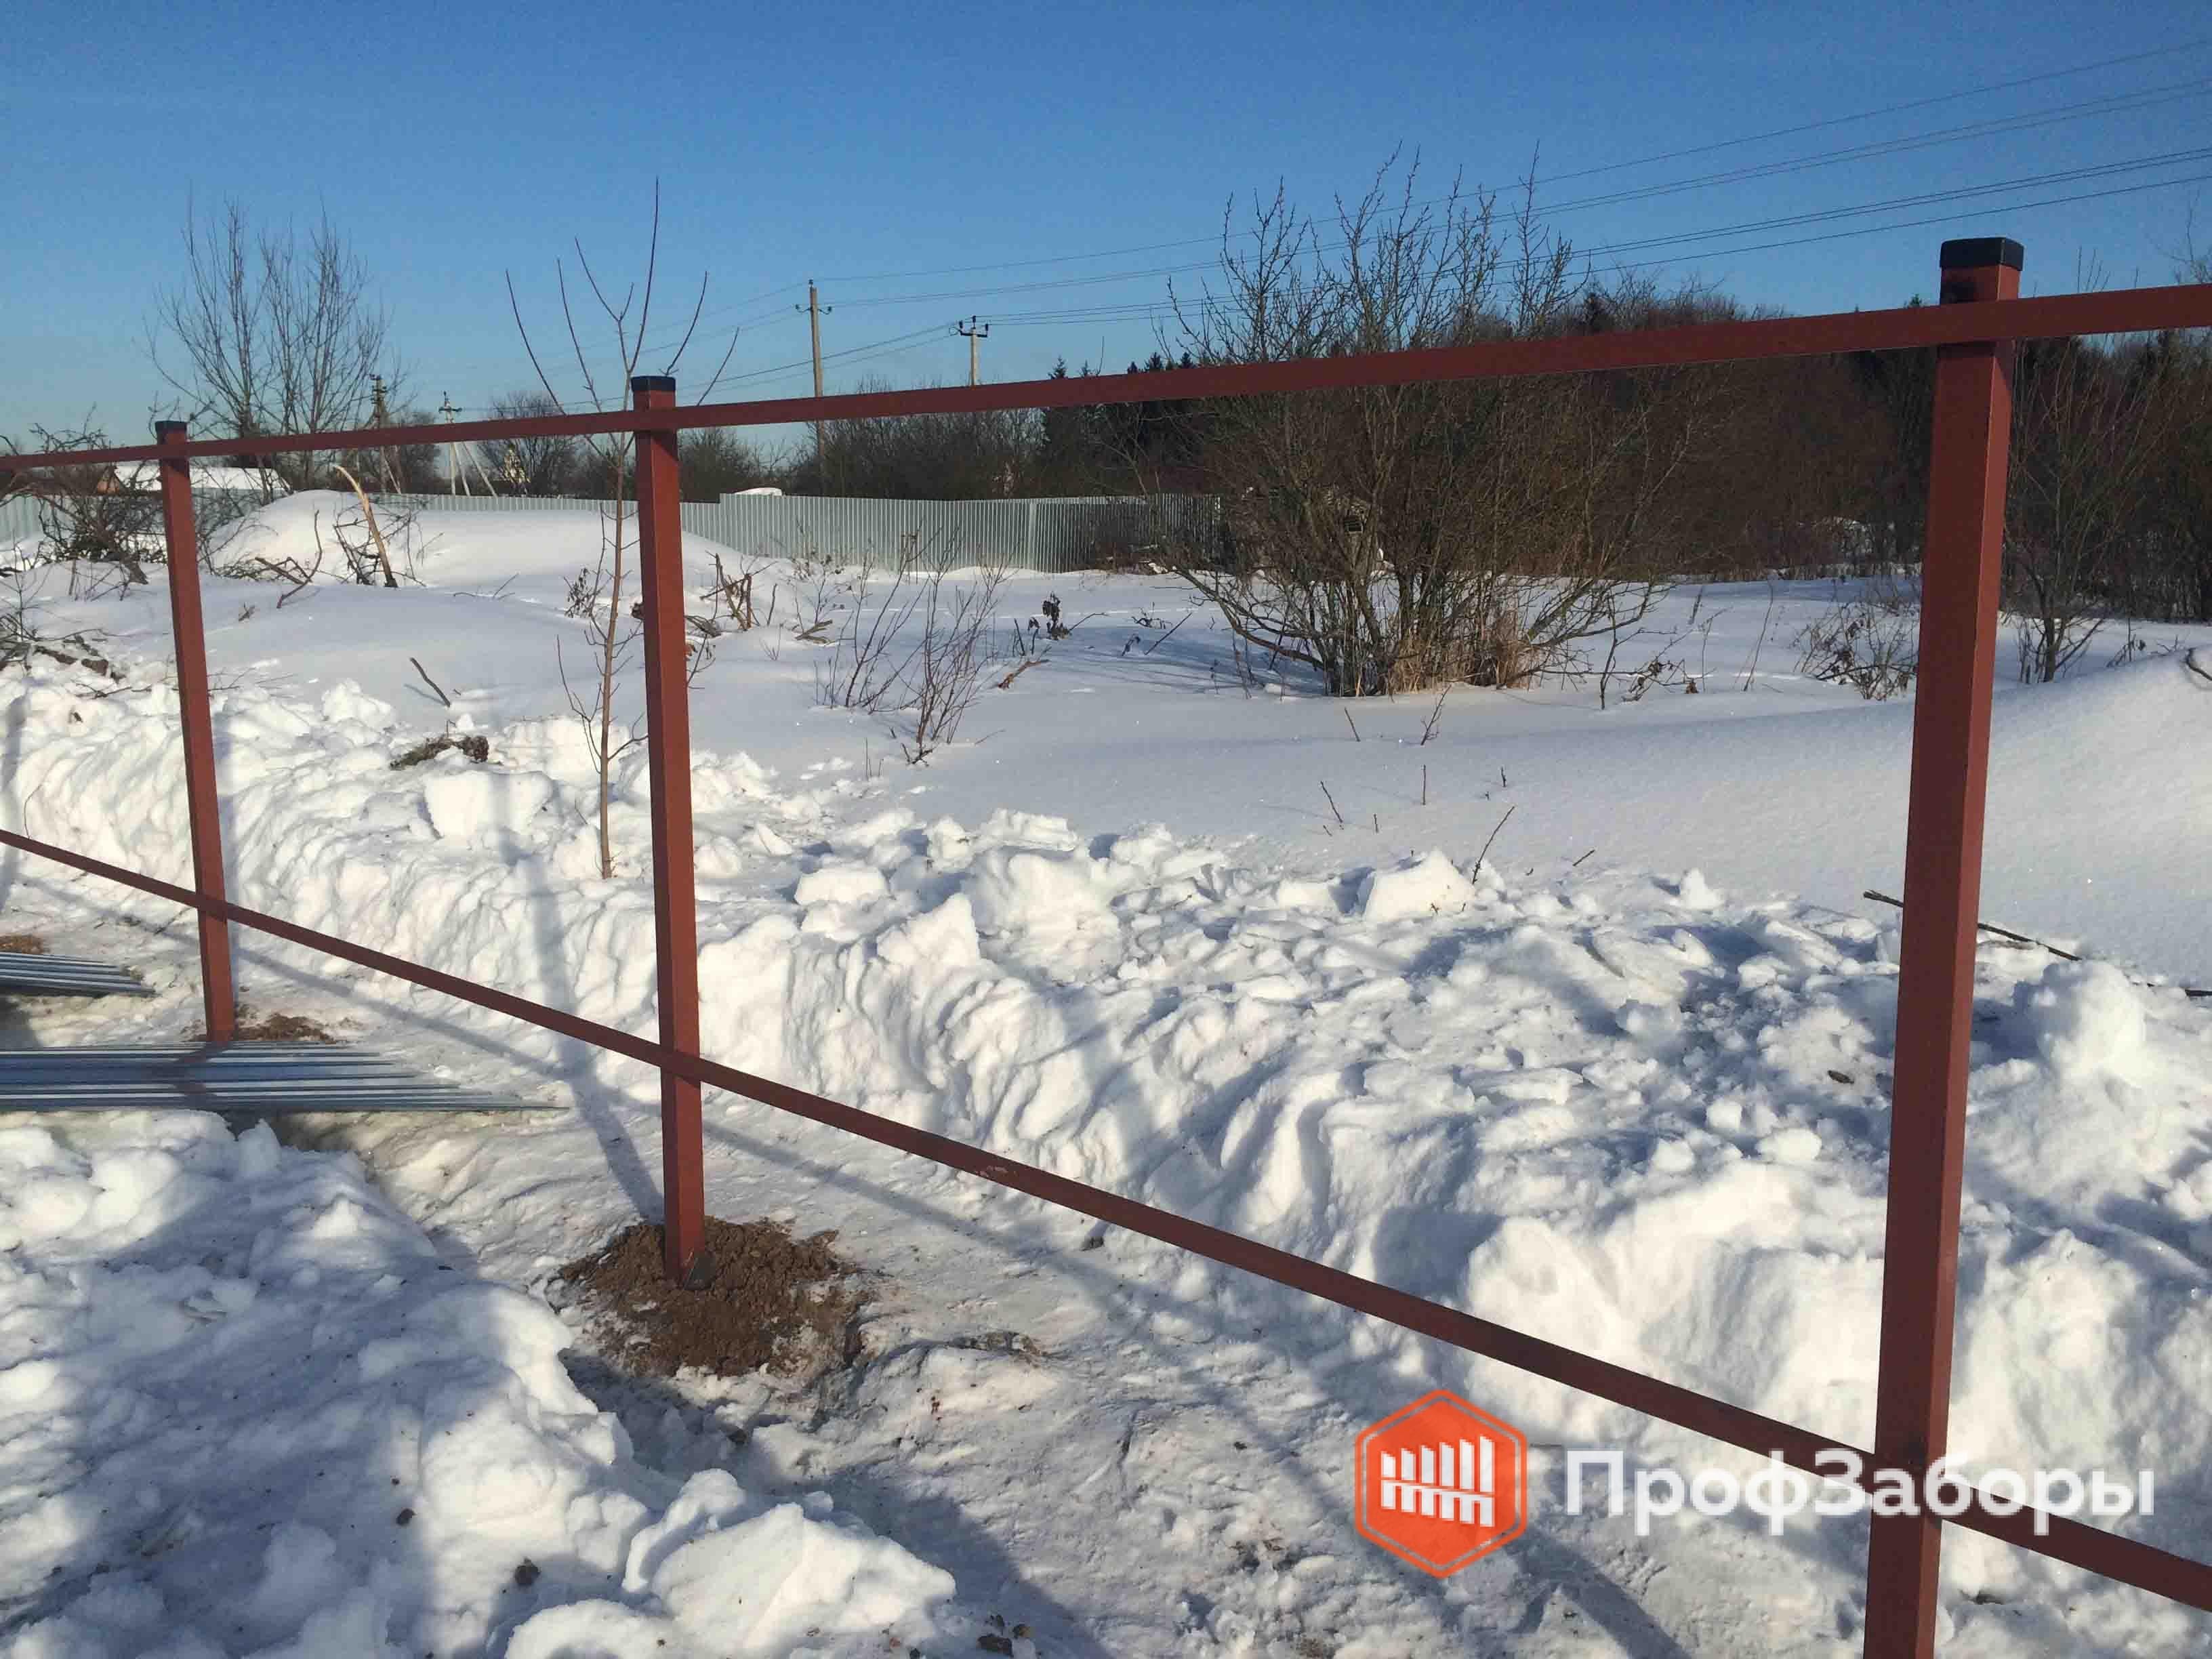 Заборы Из профнастила  - Городской округ Клин. Фото 3